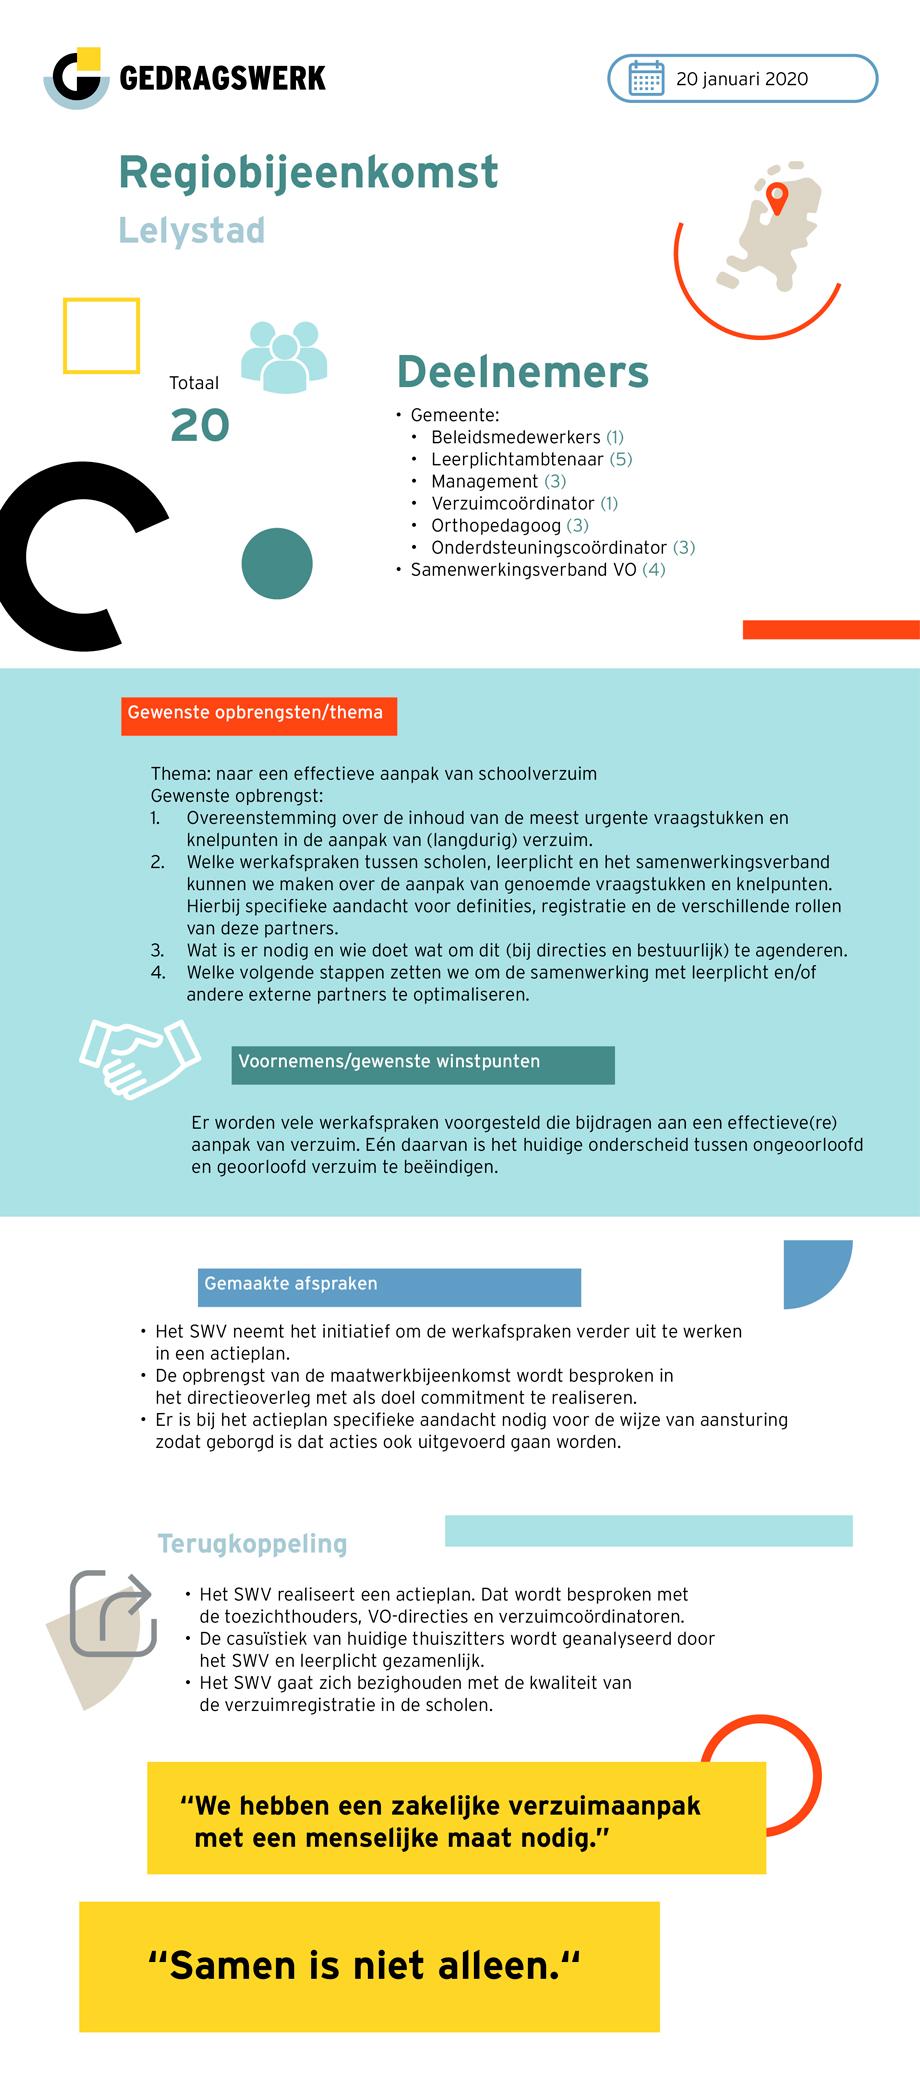 Infographic regiobijeenkomst Lelystad 20-01-2020